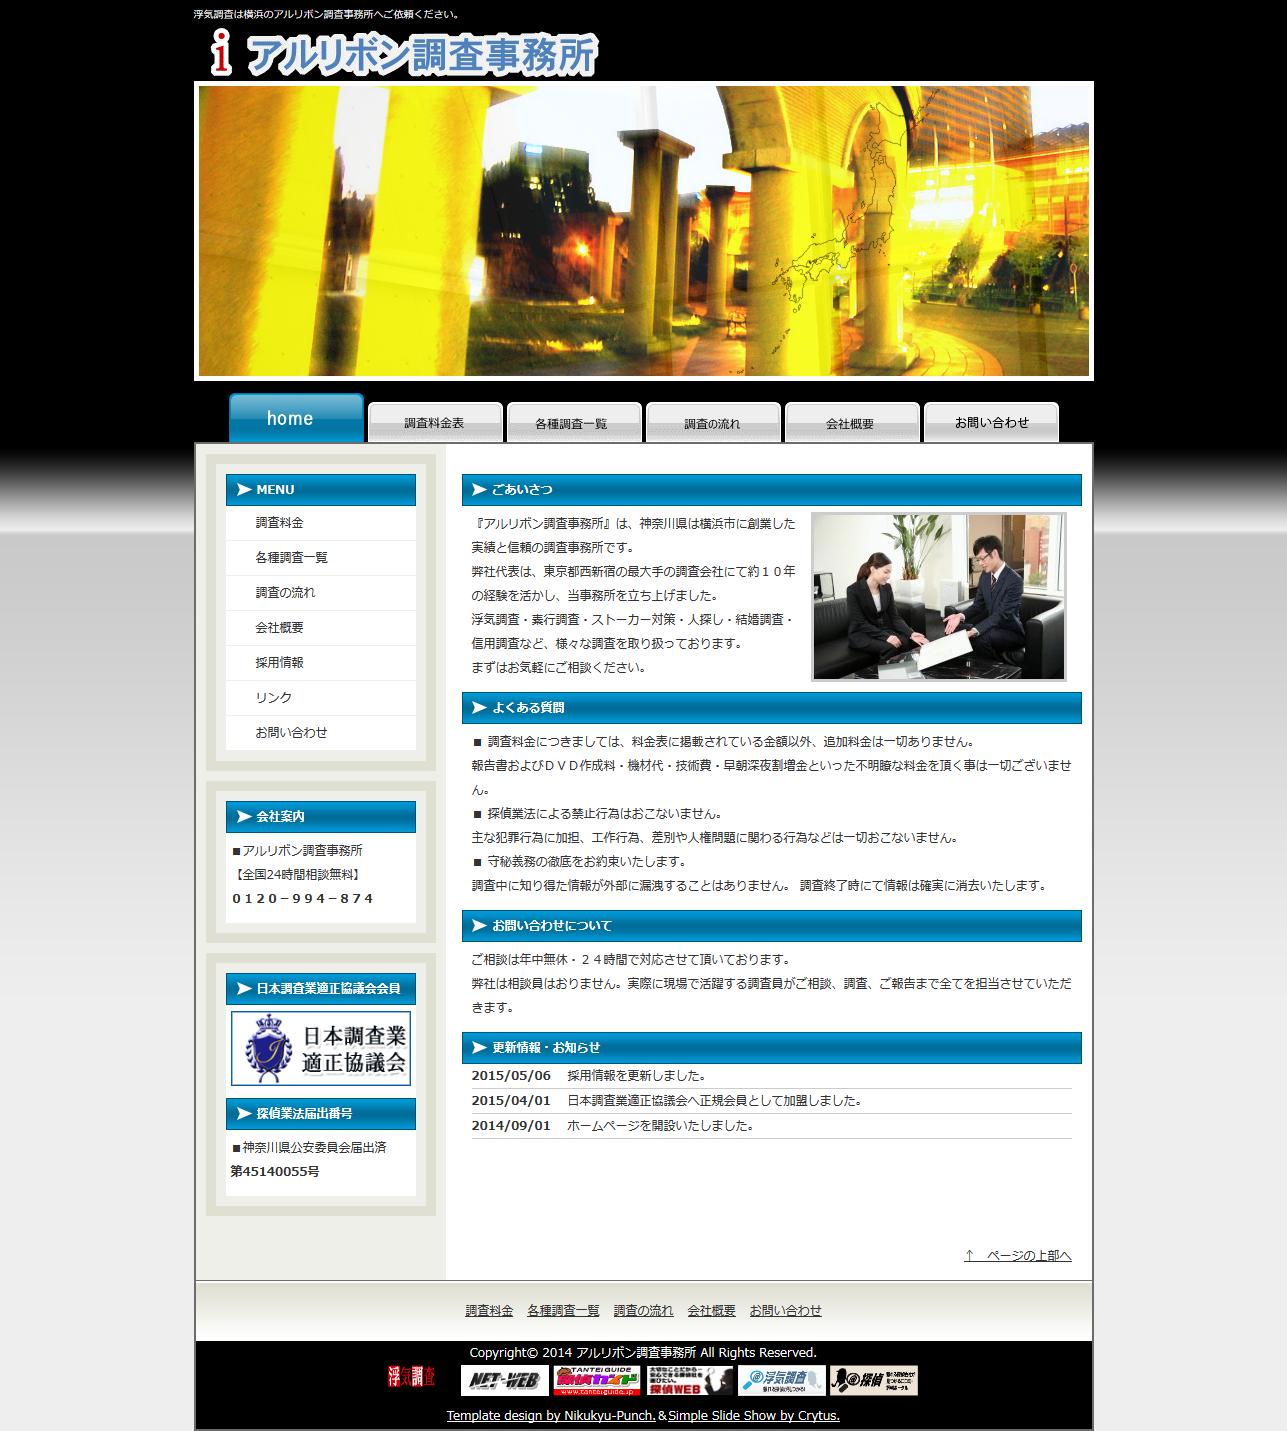 浮気調査は神奈川県横浜市のアルリボン調査事務所へ